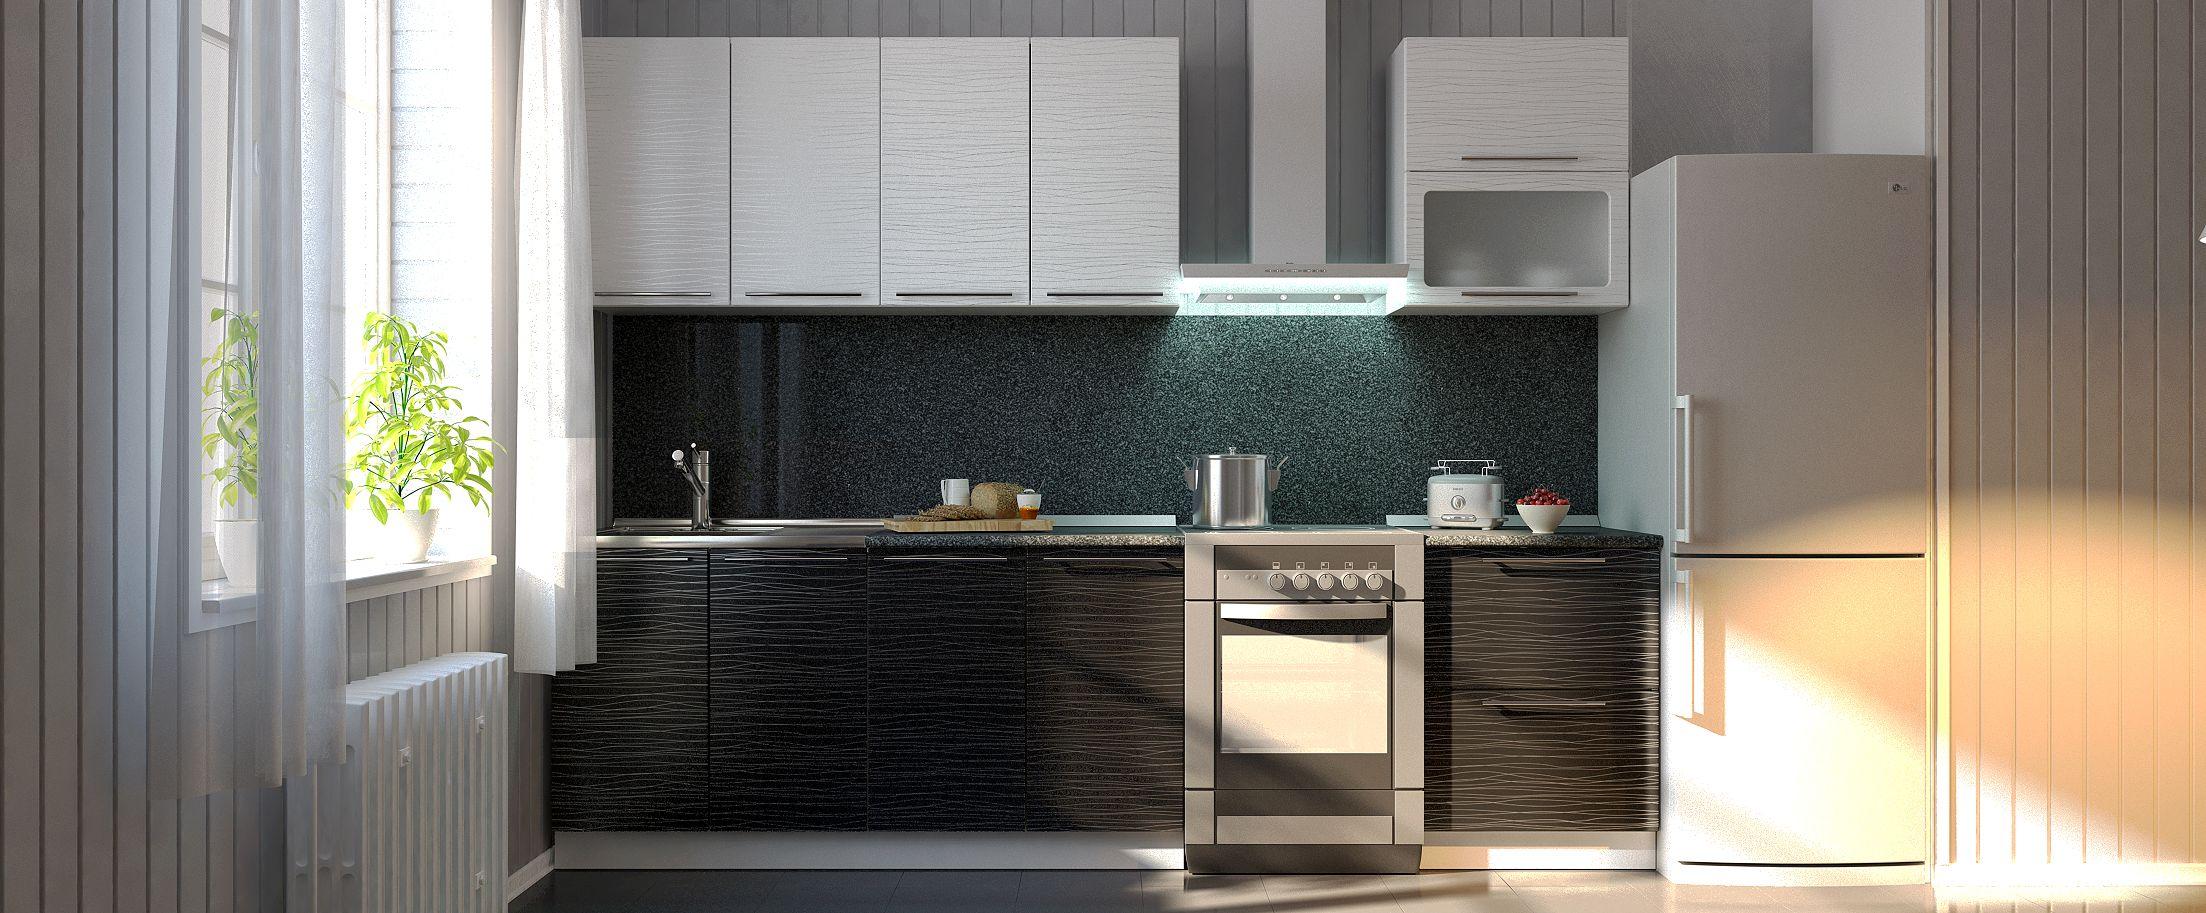 Кухня Страйп 2,2 мКупить удобный и практичный набор кухонного гарнитура в интернет магазине MOON TRADE. Быстрая доставка, вынос упаковки, гарантия! Выгодная покупка!<br>